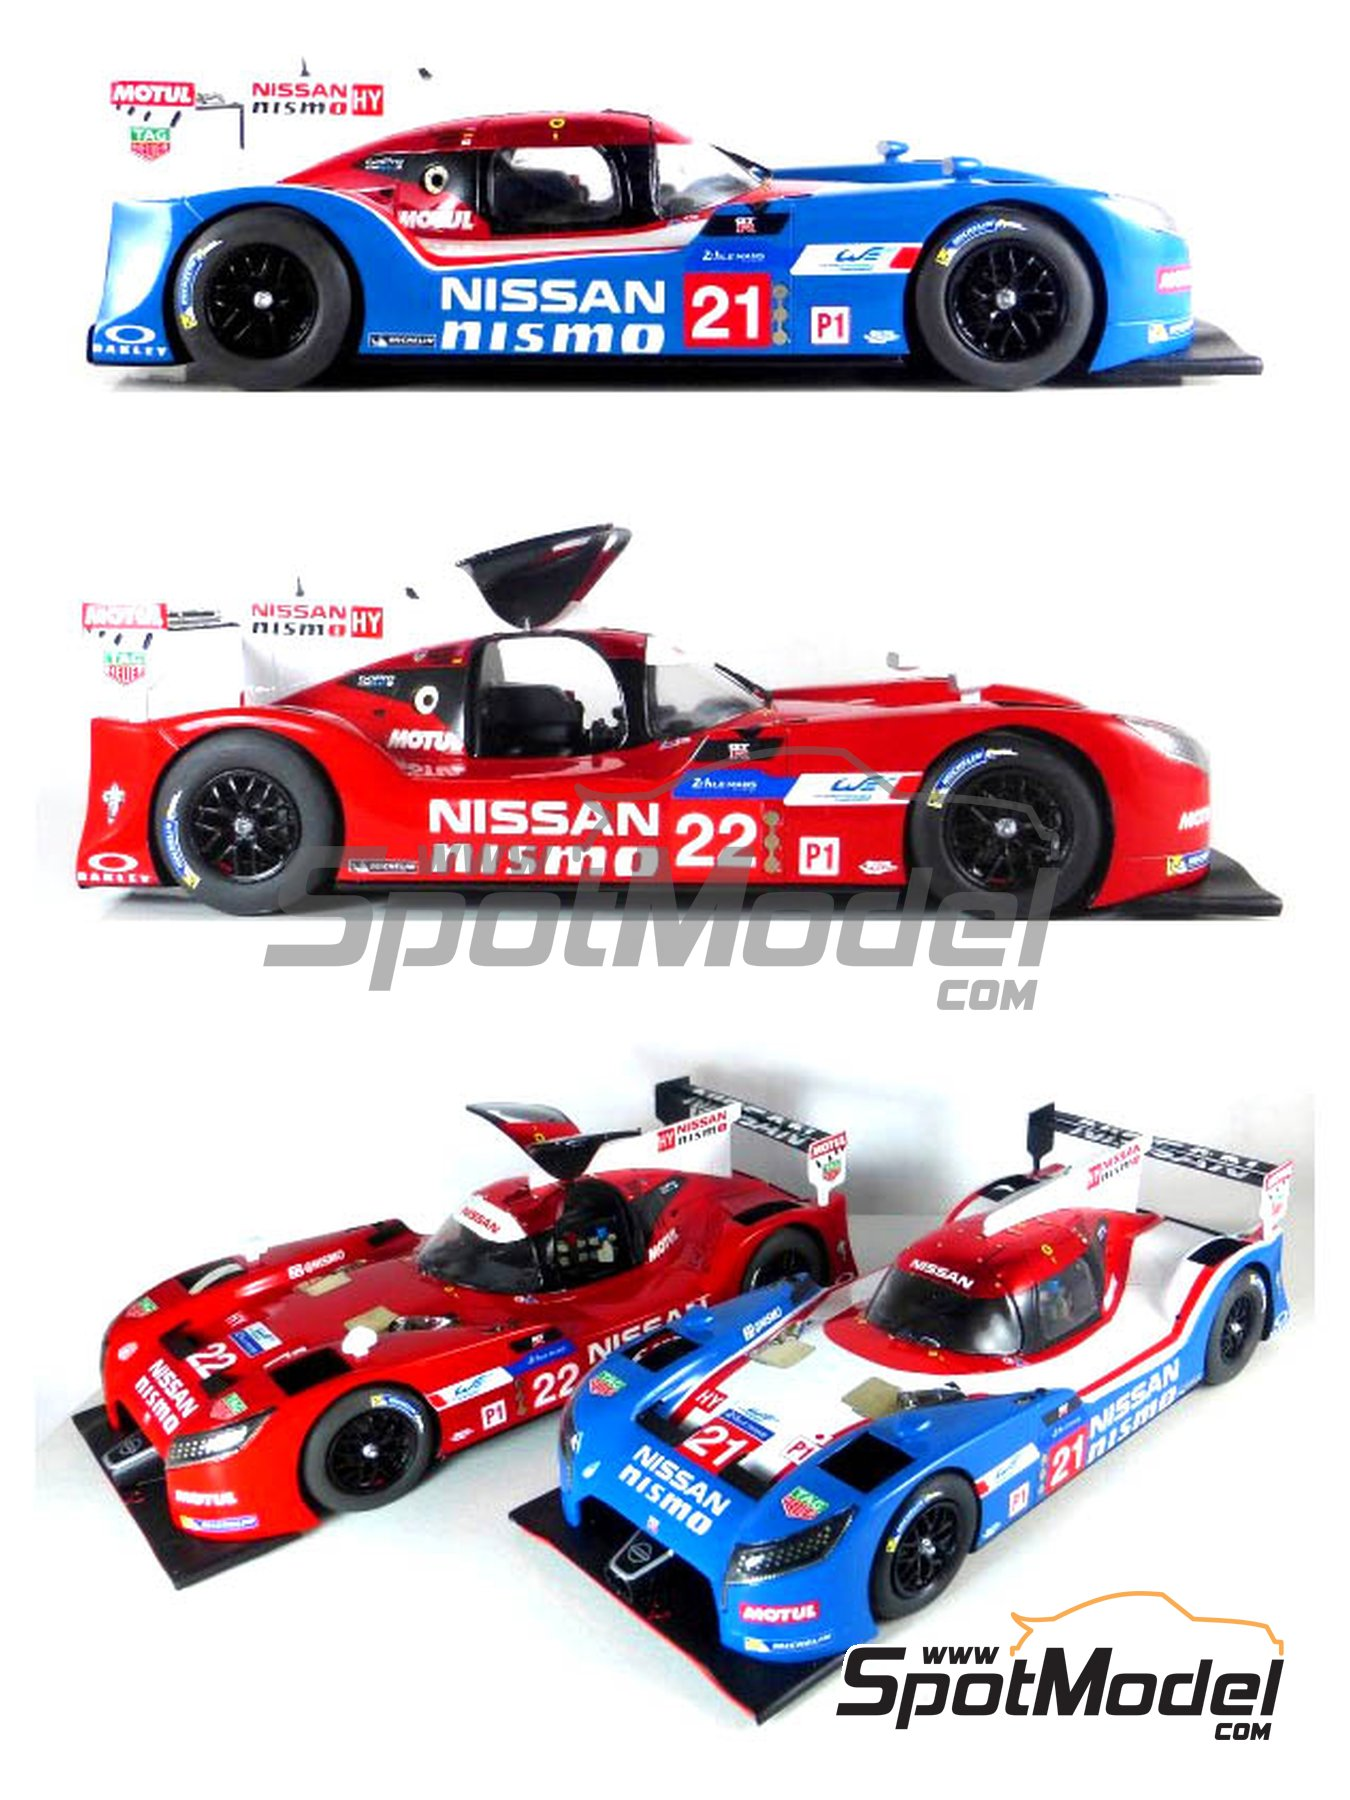 Nissan GT-R LM Nismo Nismo - 24 Horas de Le Mans 2015 | Maqueta de coche en escala1/24 fabricado por Profil24 (ref.P24100) image